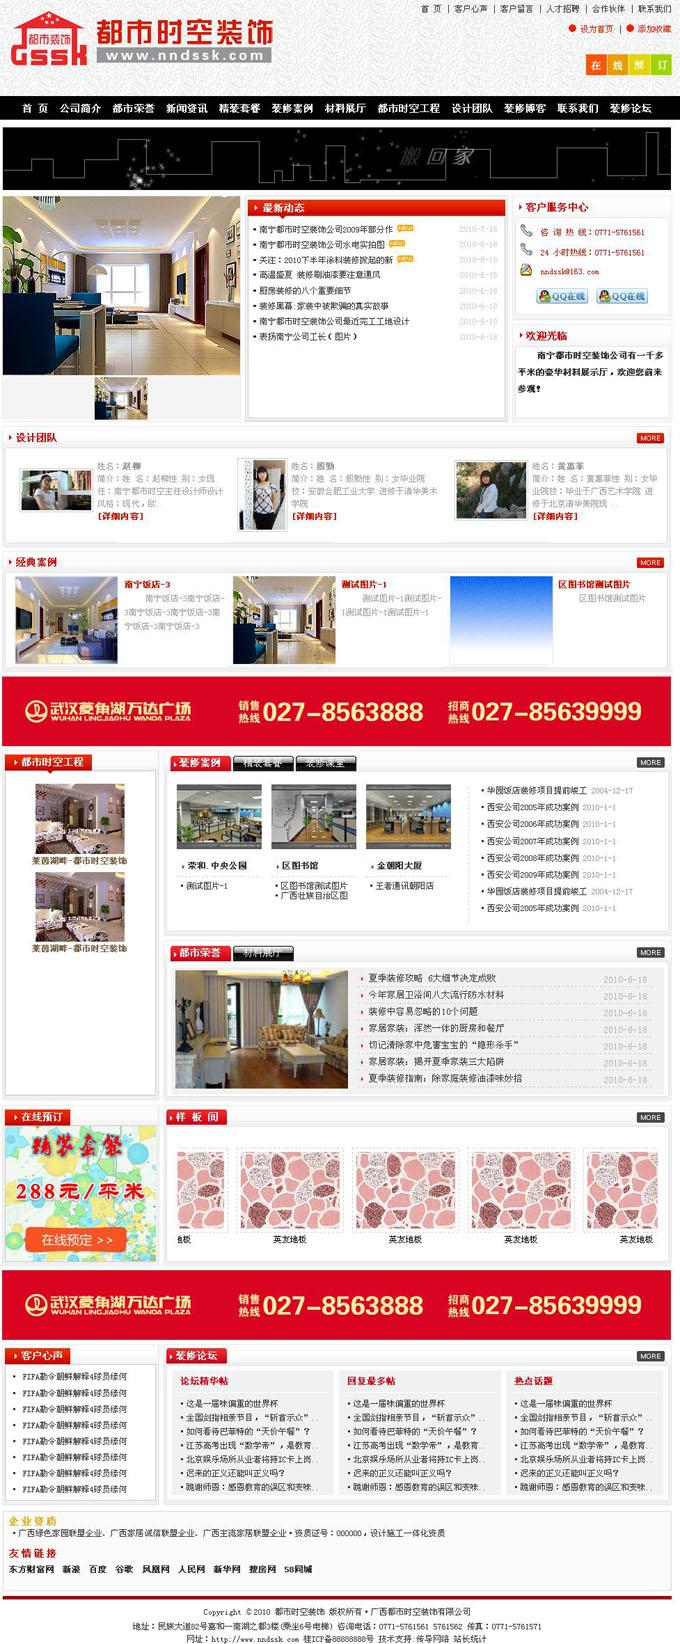 广汉装饰公司网站源码,企业网站源码